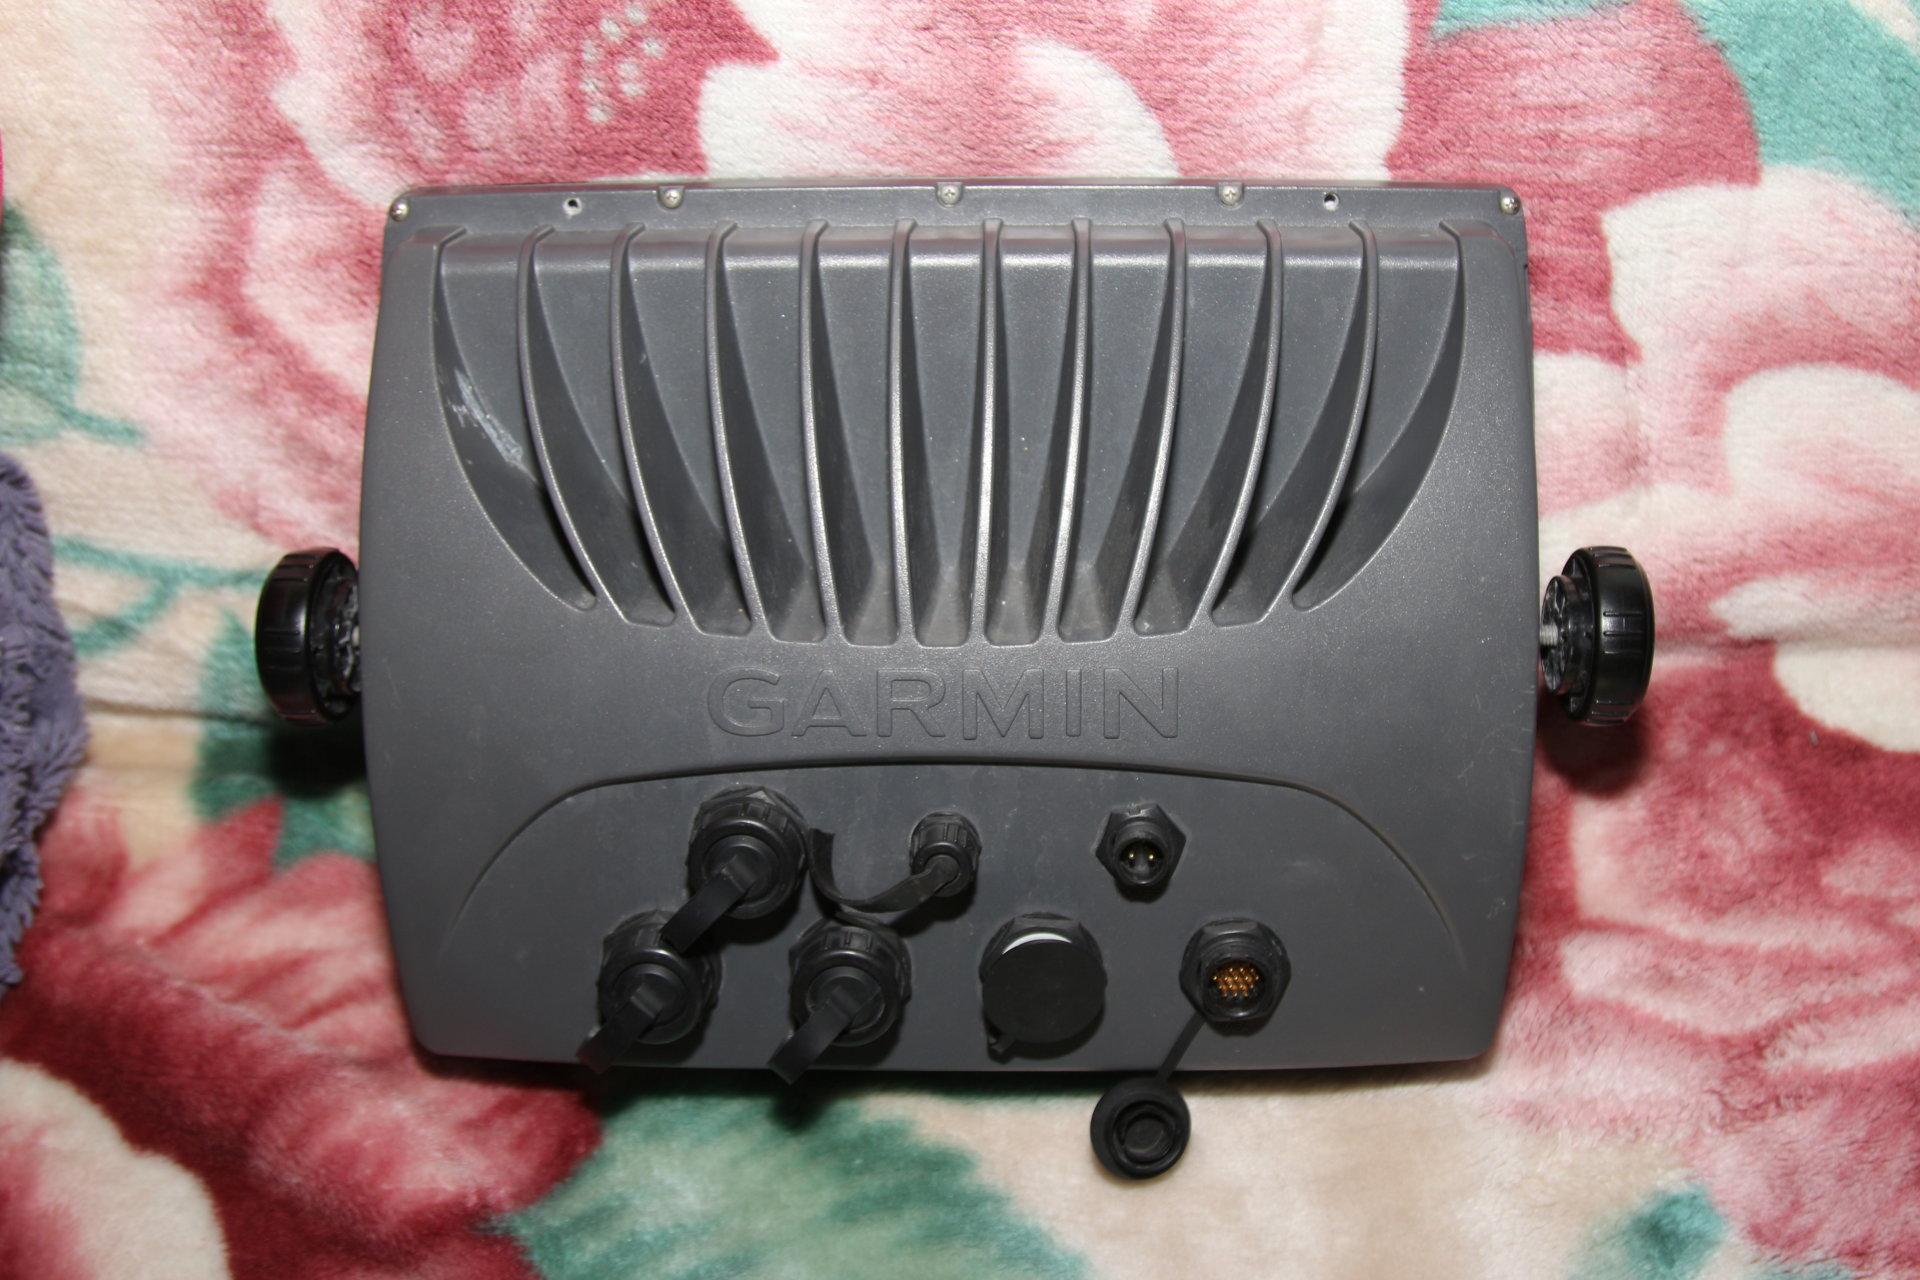 Garmin Gps 17hvs Antenna 2006c Wiring Diagram Img 3157